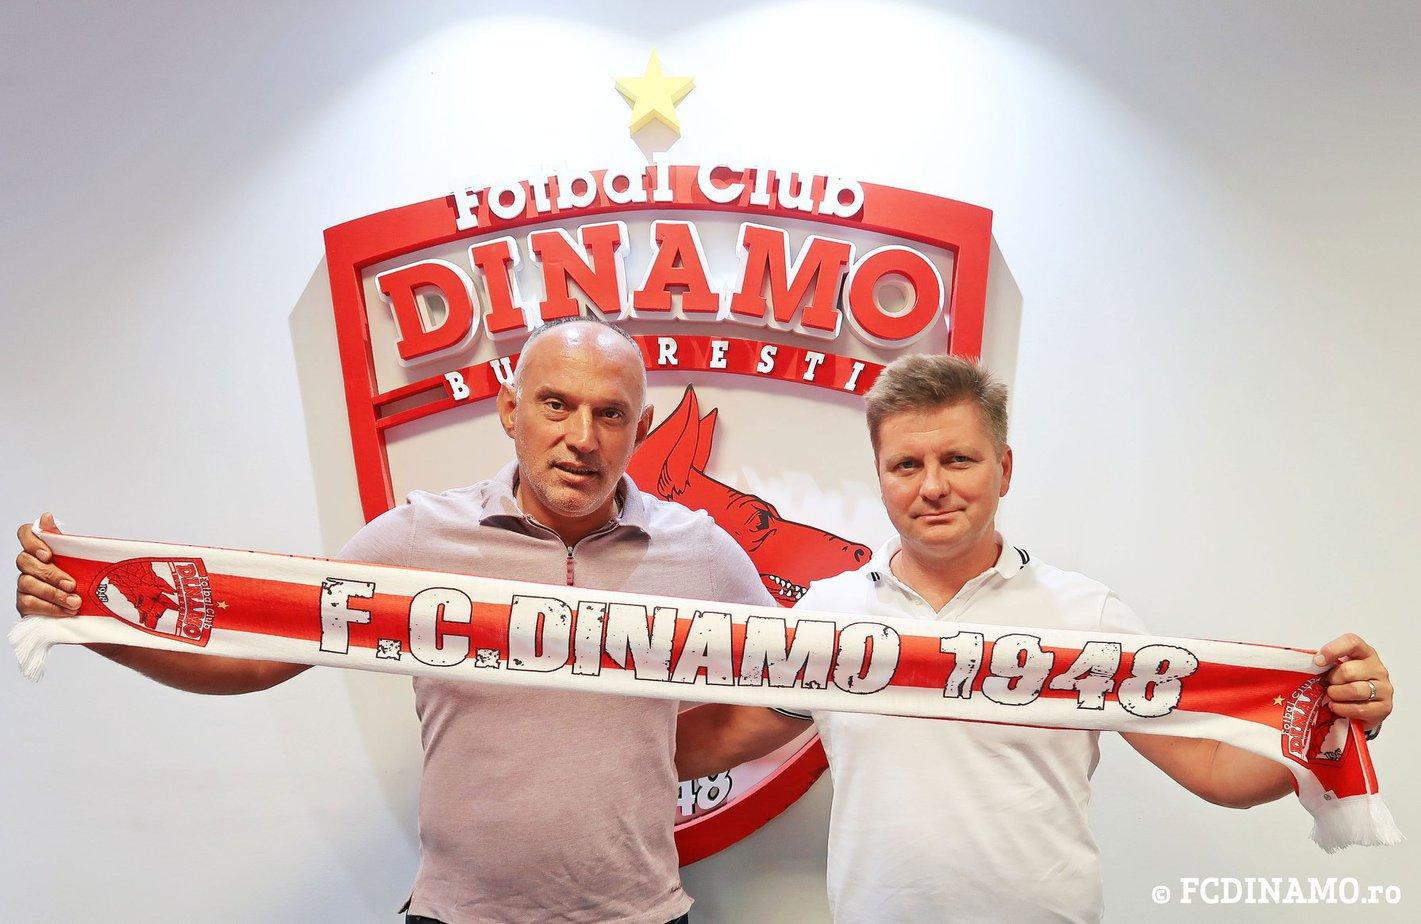 Dinamo Dusan Uhrin